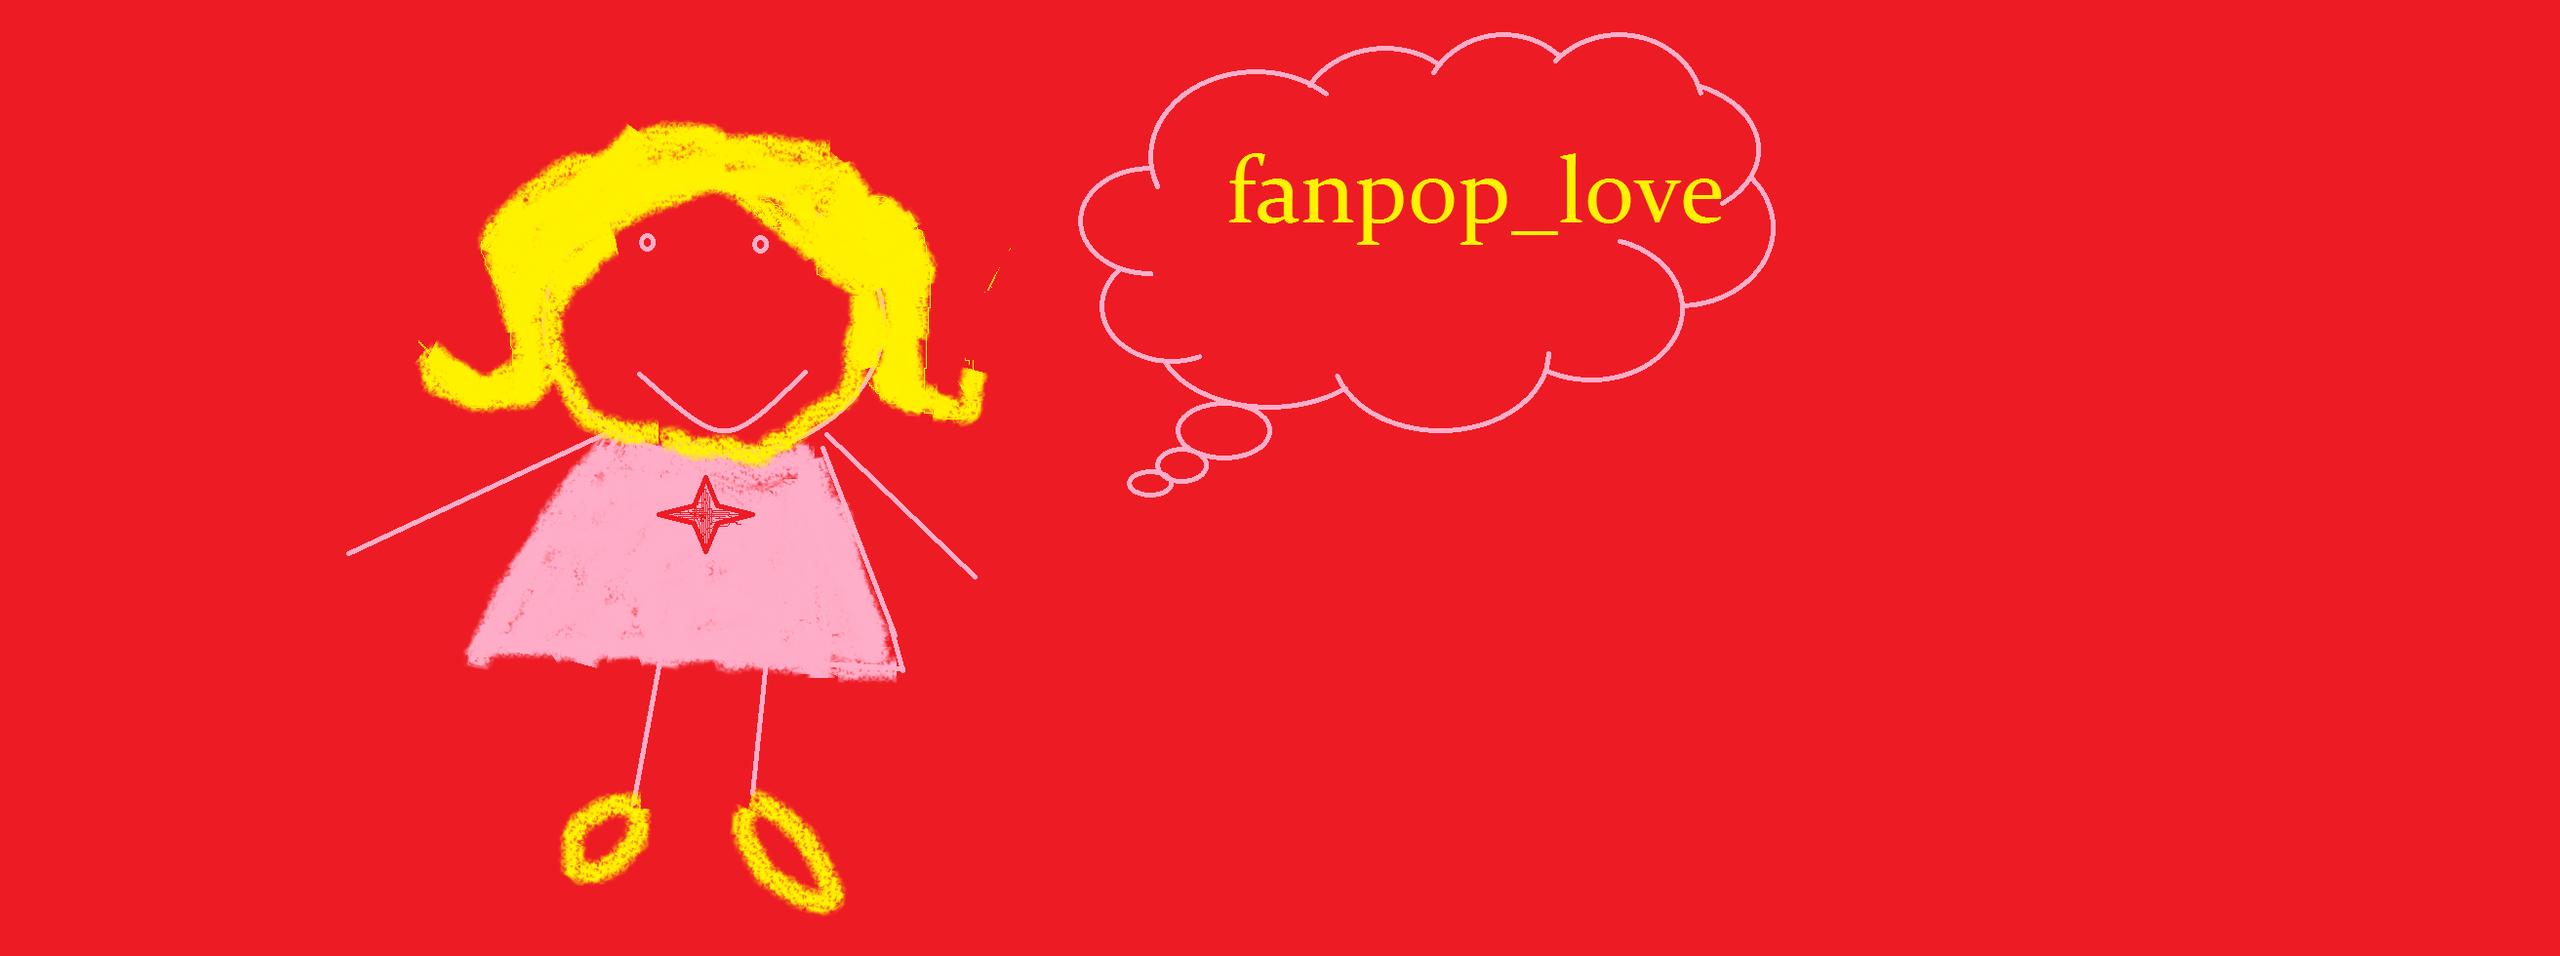 cute couples _ Love Photo 18948424 Fanpop Fanclubs Auto Design Tech